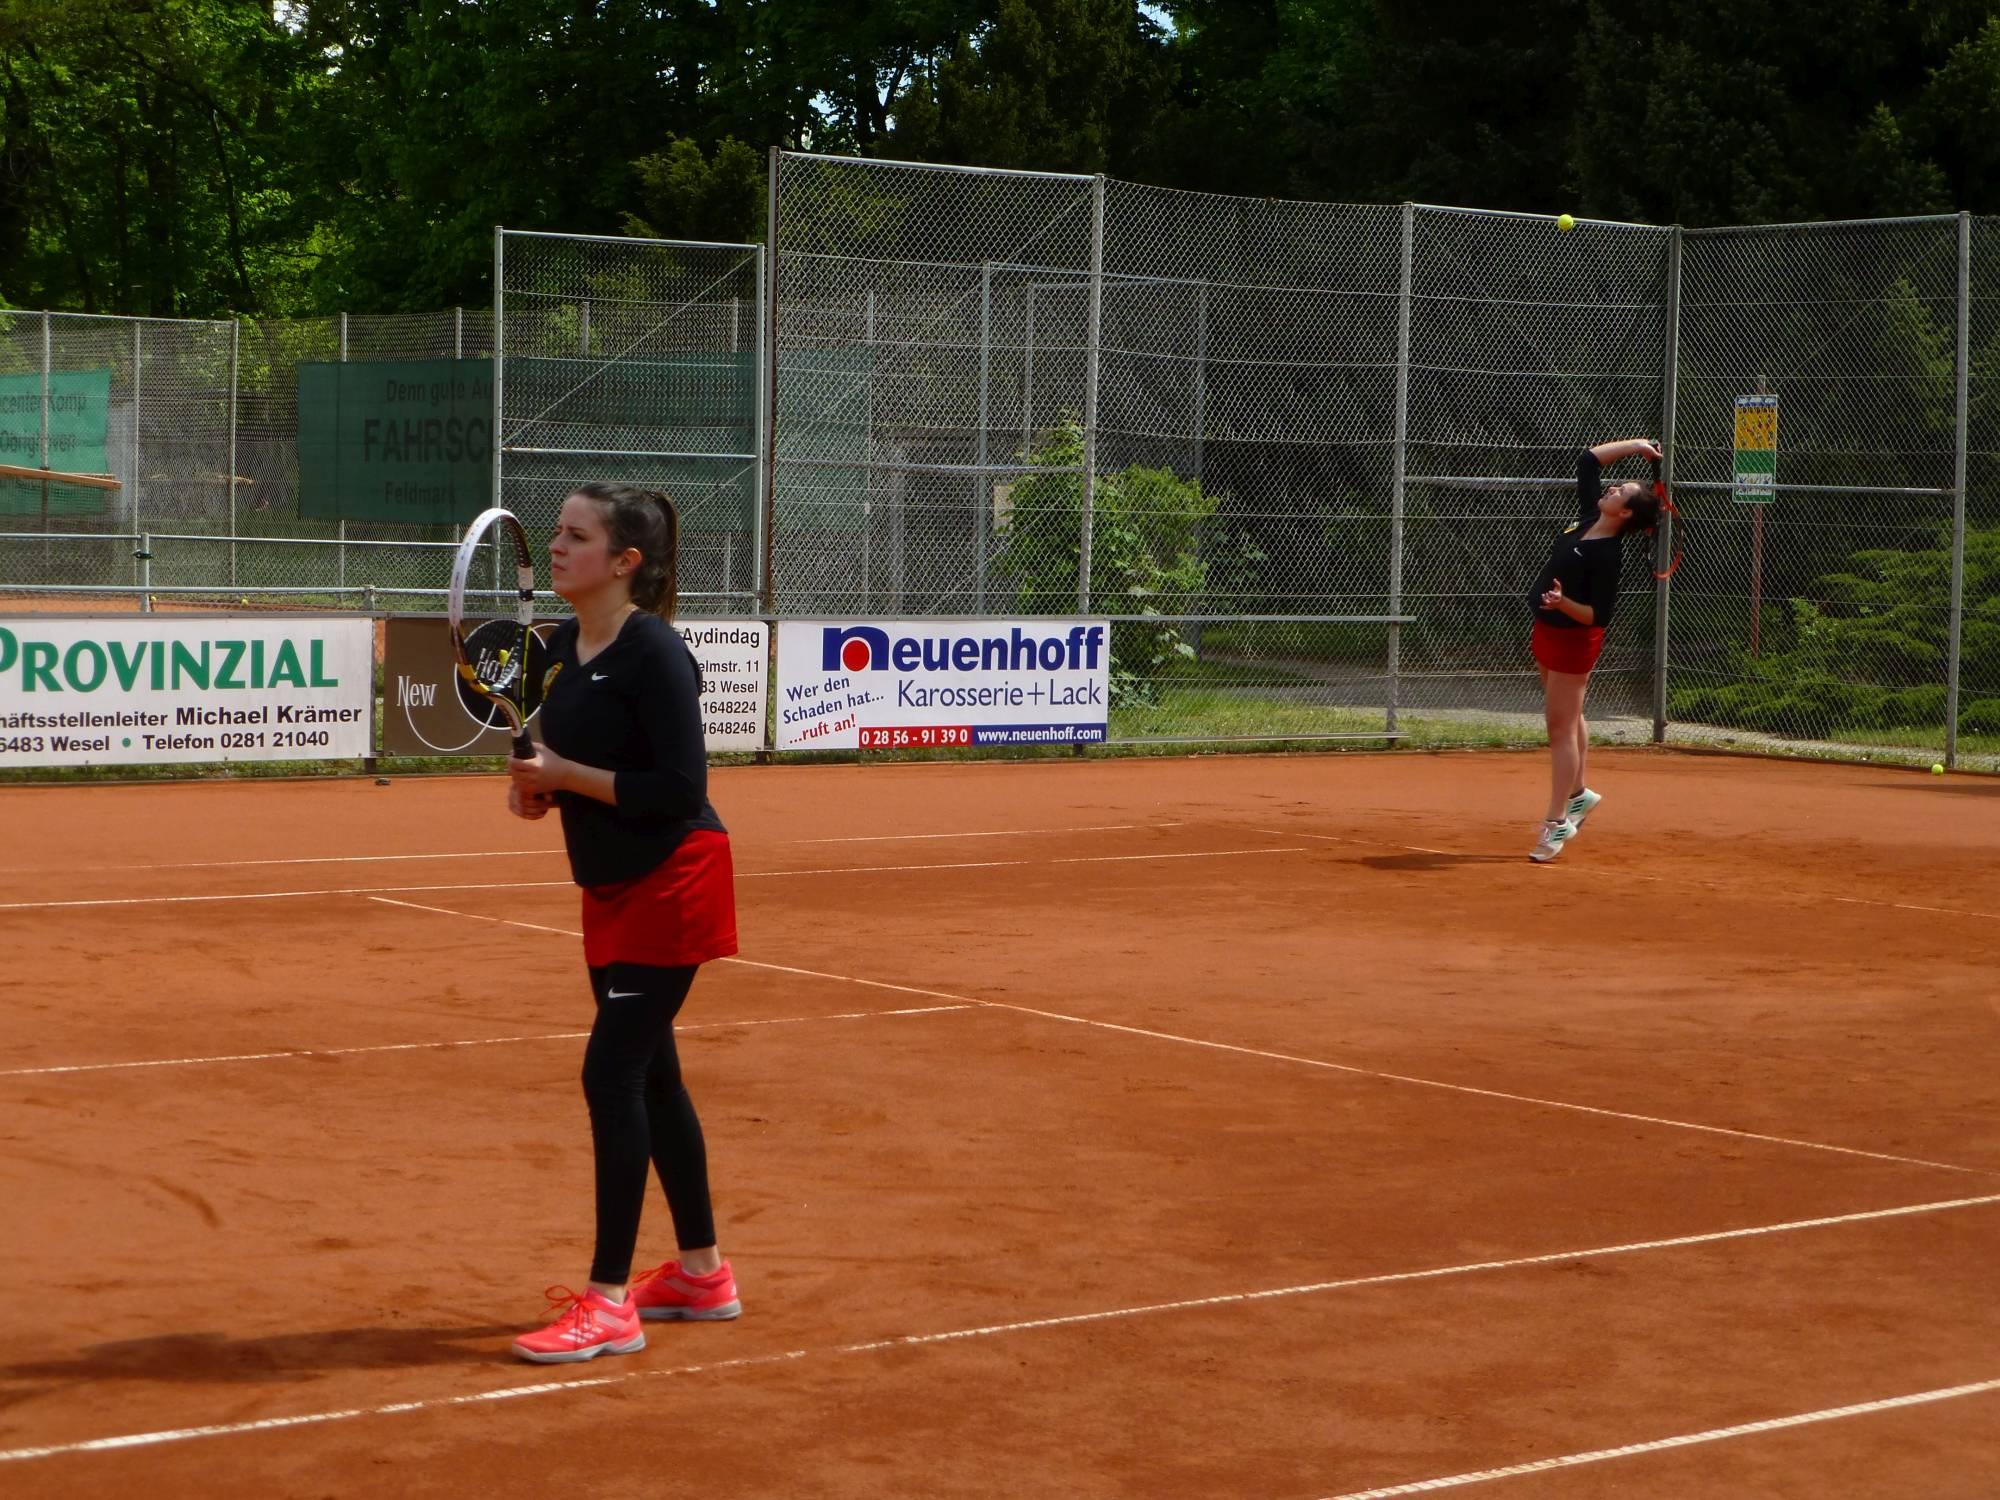 Foto-Spieler_Sarah-Wagner+Sandra-Cornelsen_2019-05-12_1